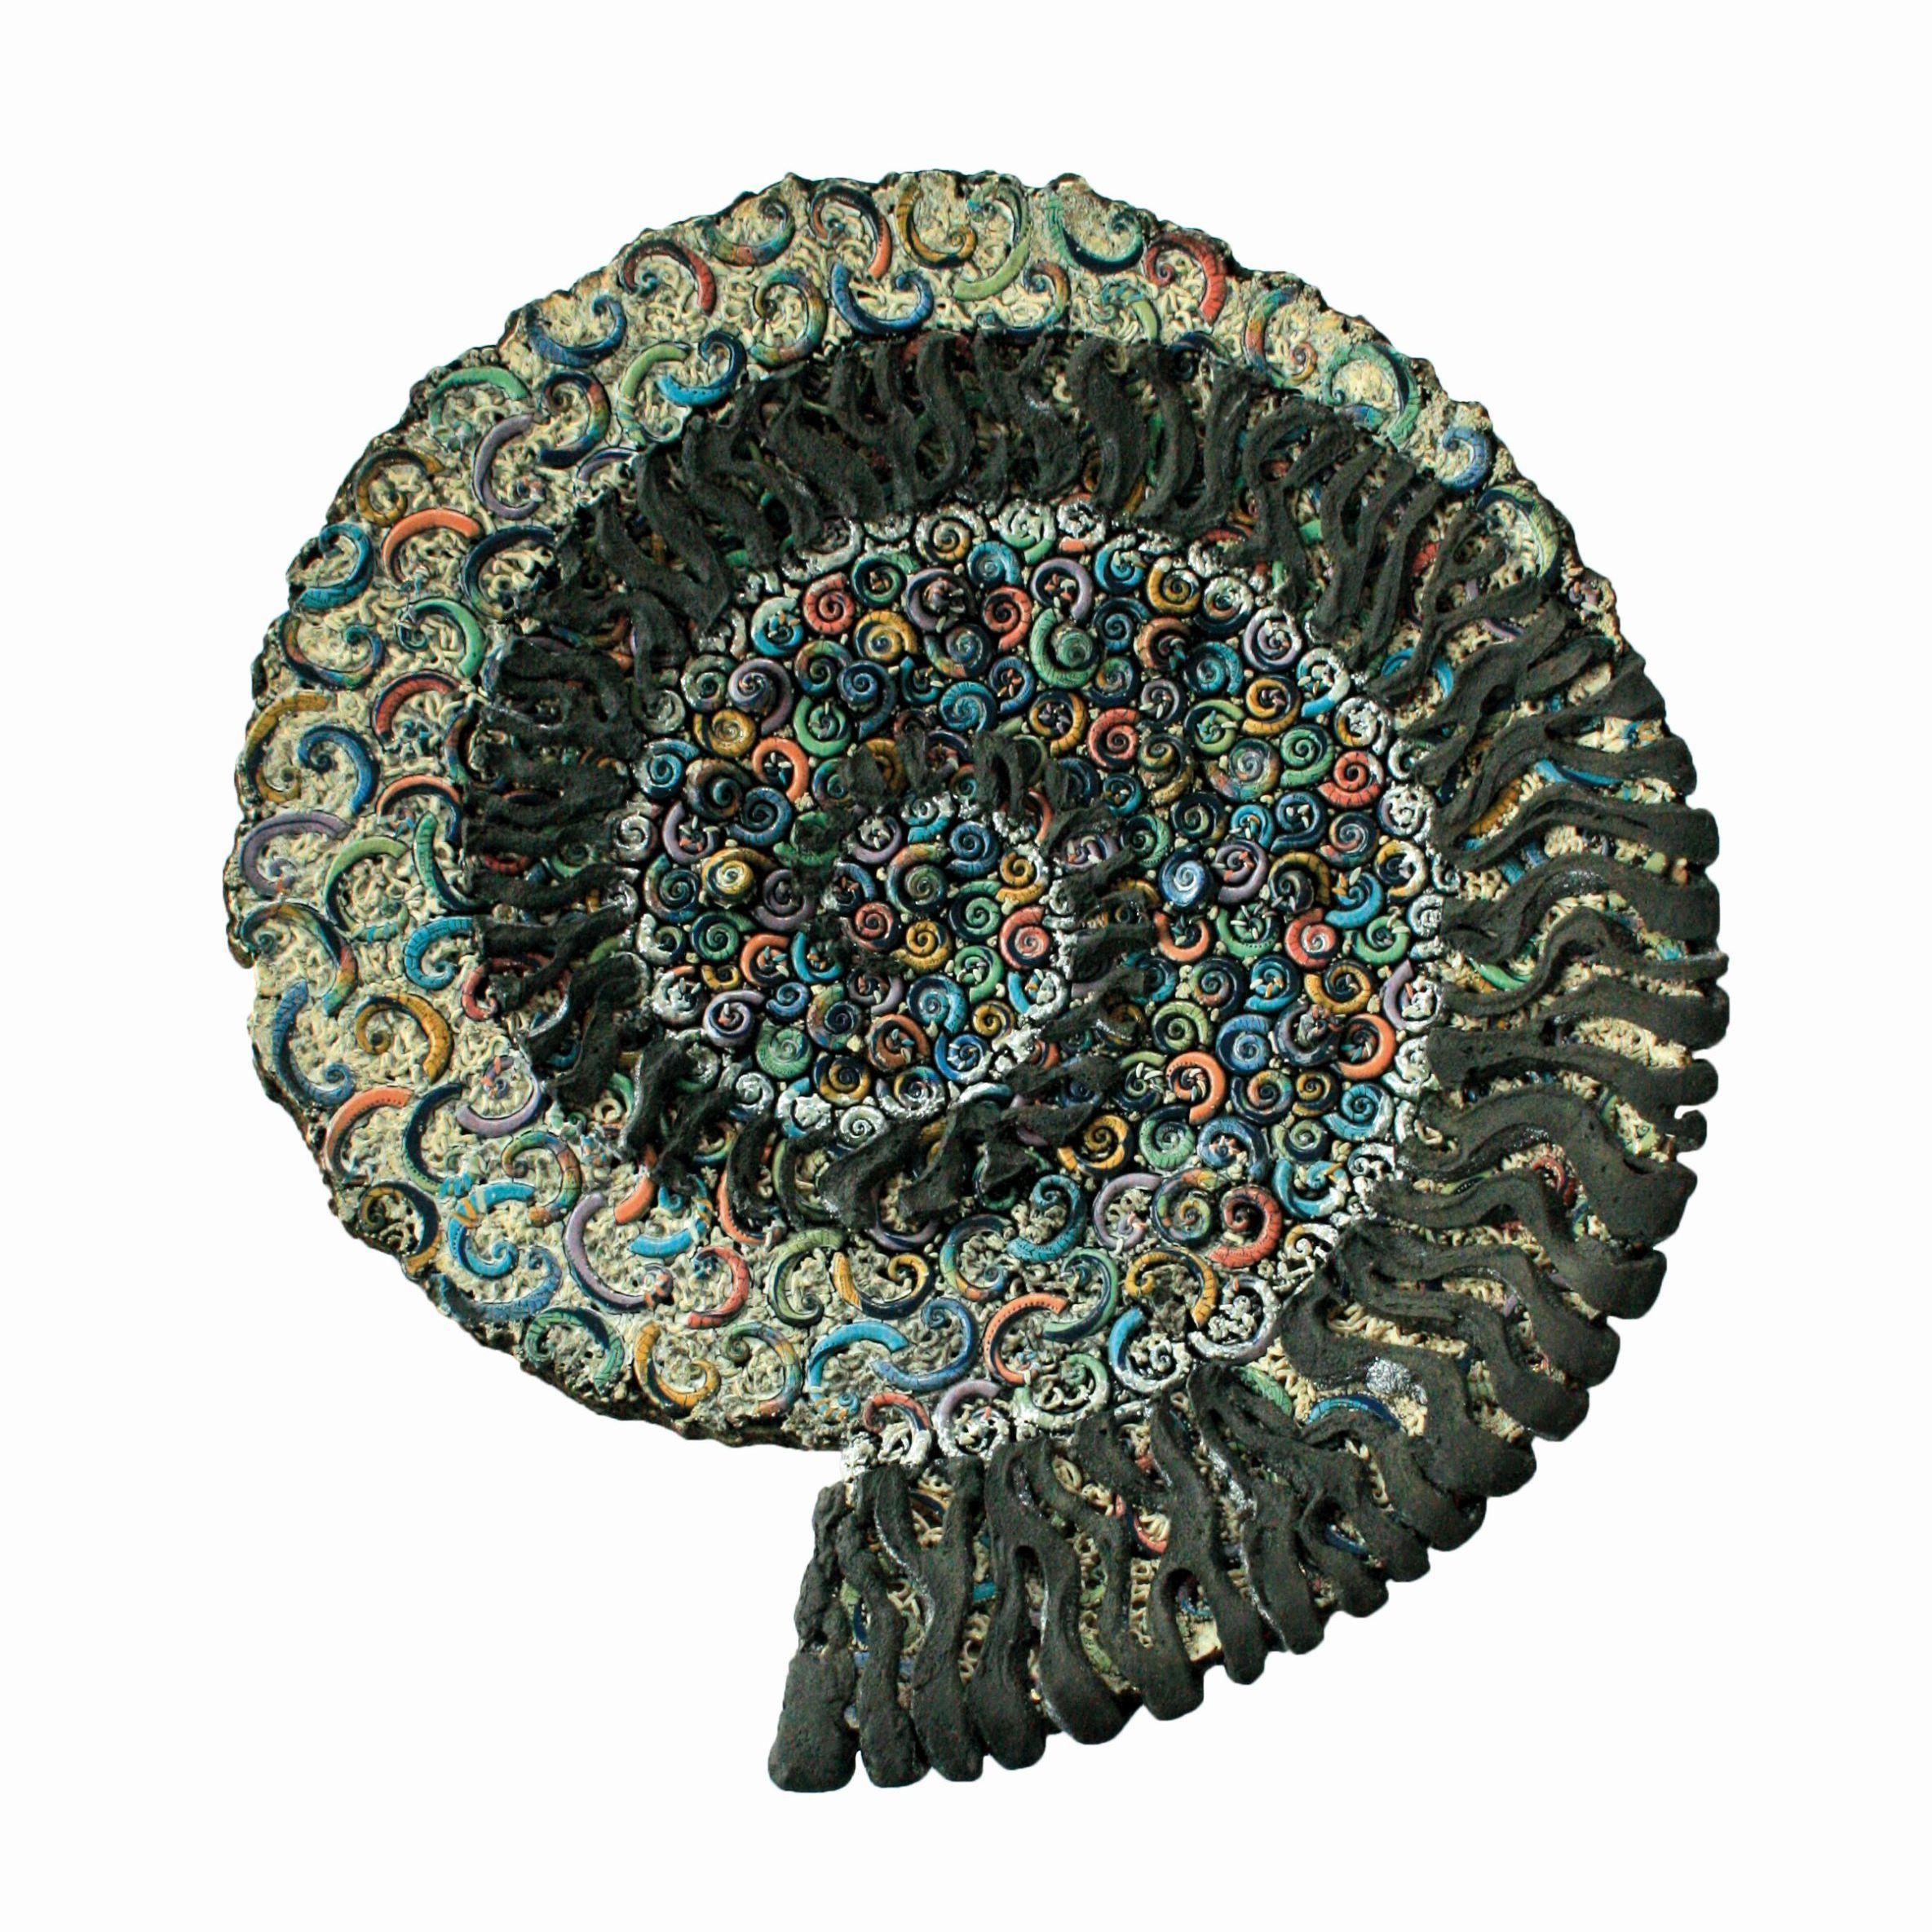 Keramik von Elina Brandt-Hansen, FRACTAL SNAILHOUSE aus dem Jahre 1995 eine Schenkung der Irene und Sigurd Greven Stiftung an das KERAMION